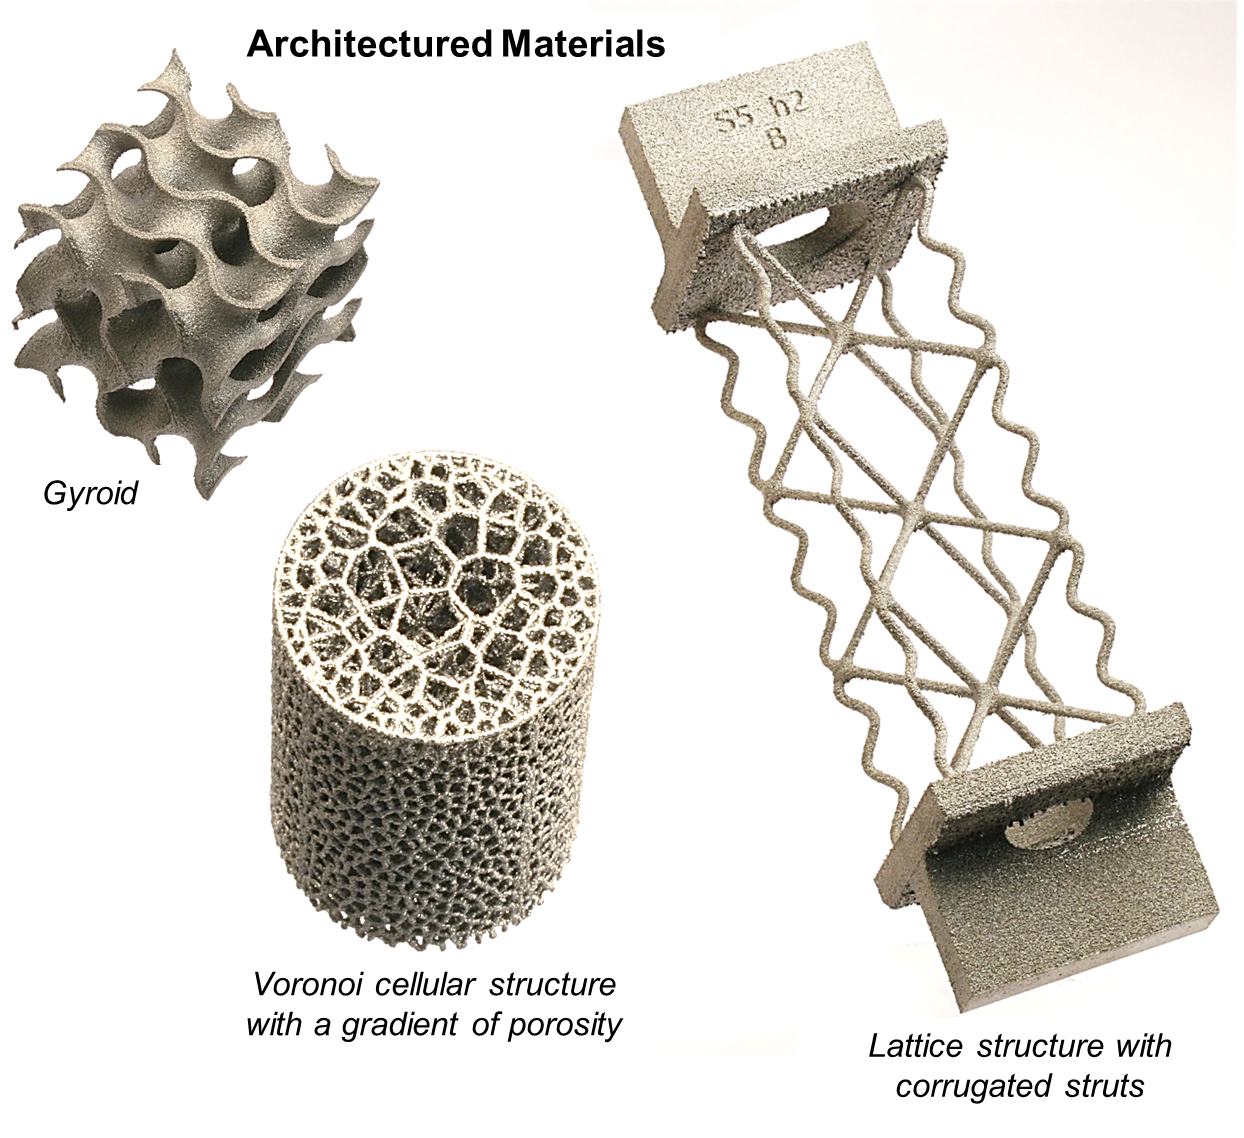 Architectured Materials